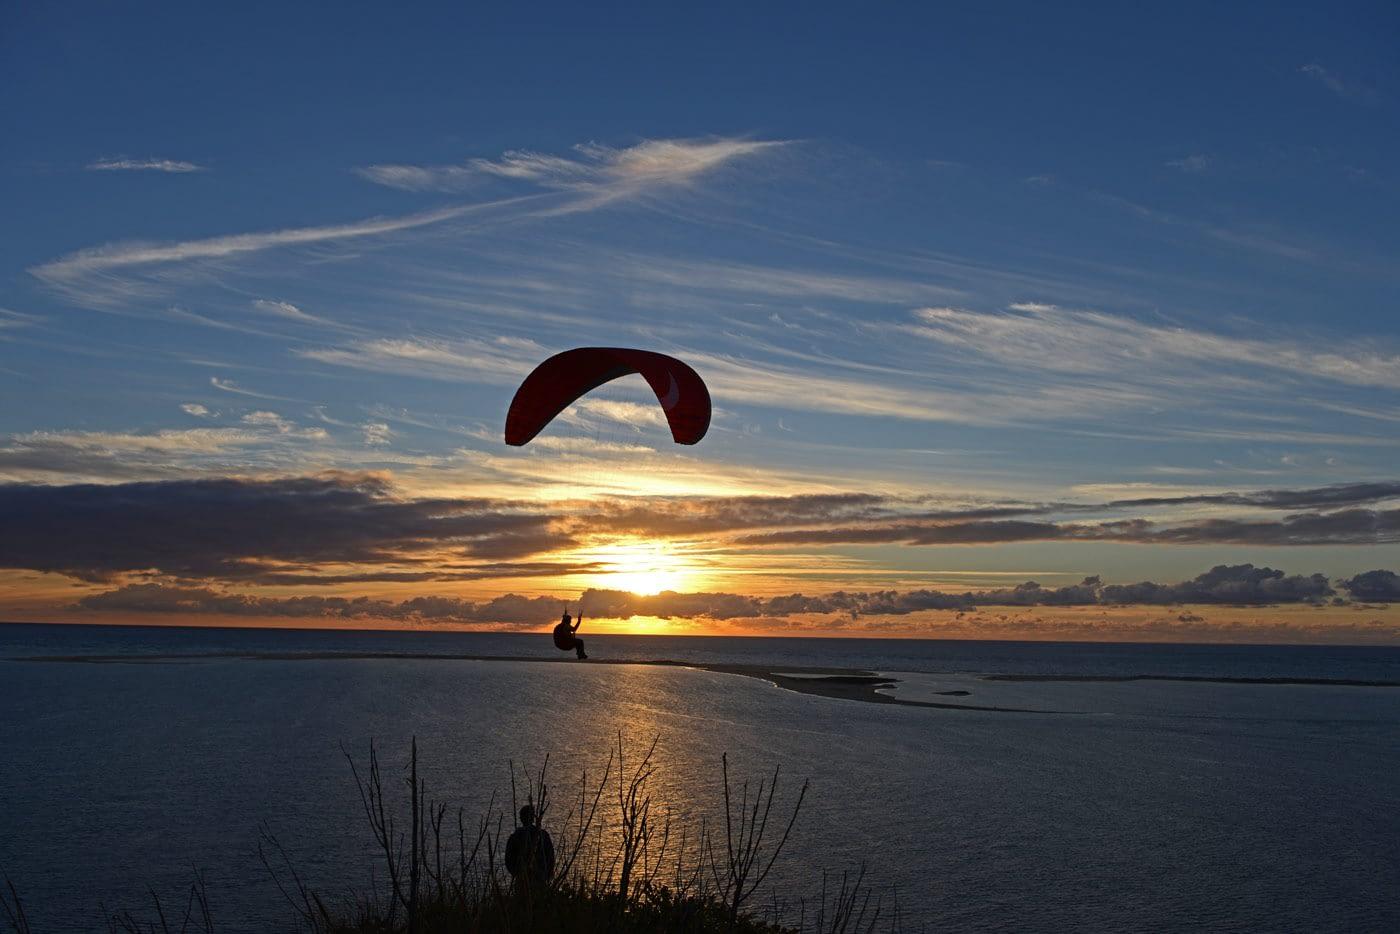 Abendliches Soaring an der Düne bis die Sonne untergegangen ist. Hier kann man Gleitschirmfliegen bis es dunkel ist.